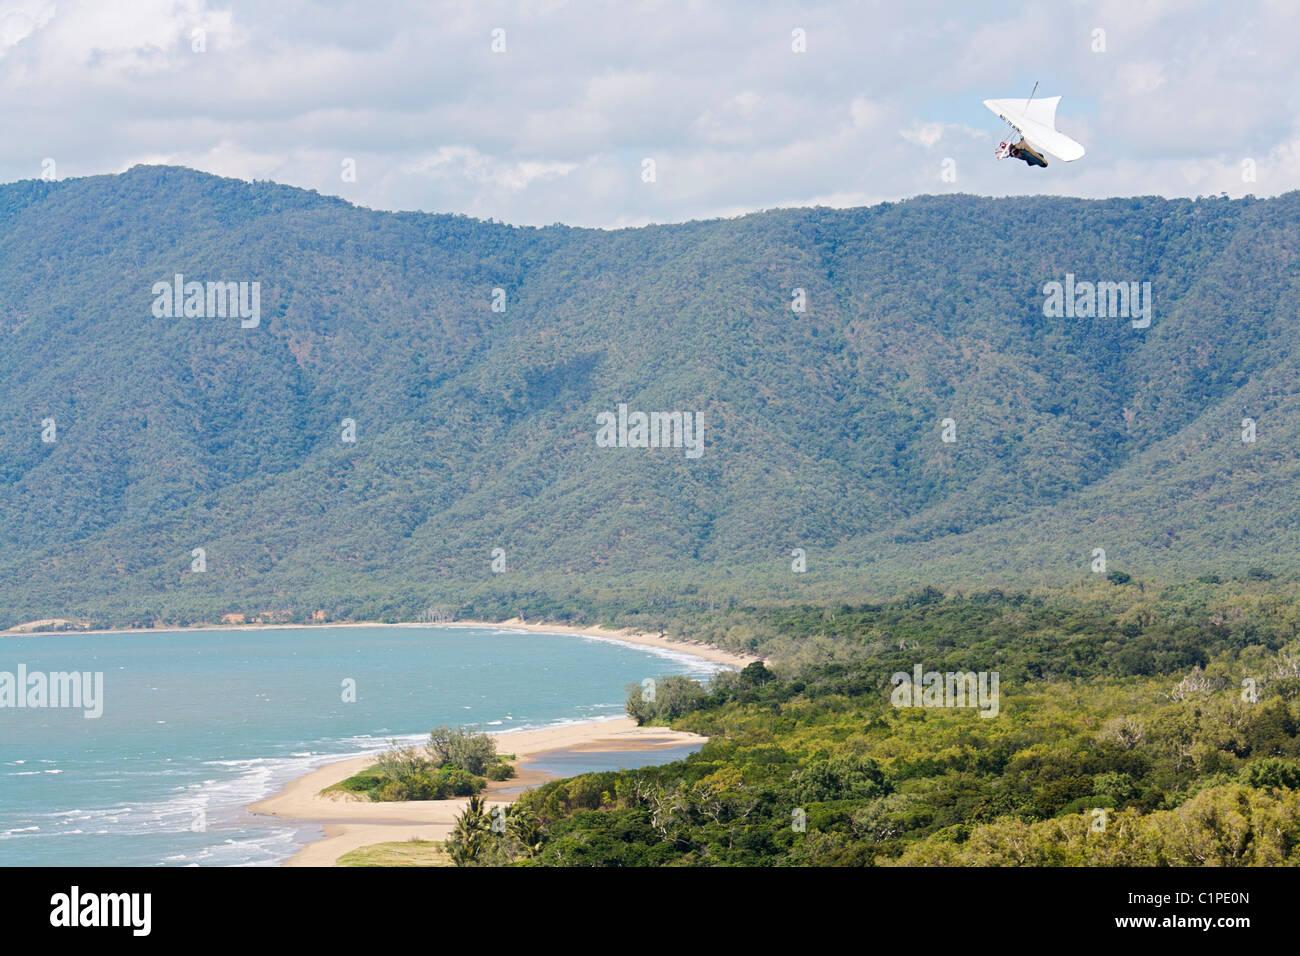 Australien, Nord-Queensland, Drachenfliegen über Küste Stockbild